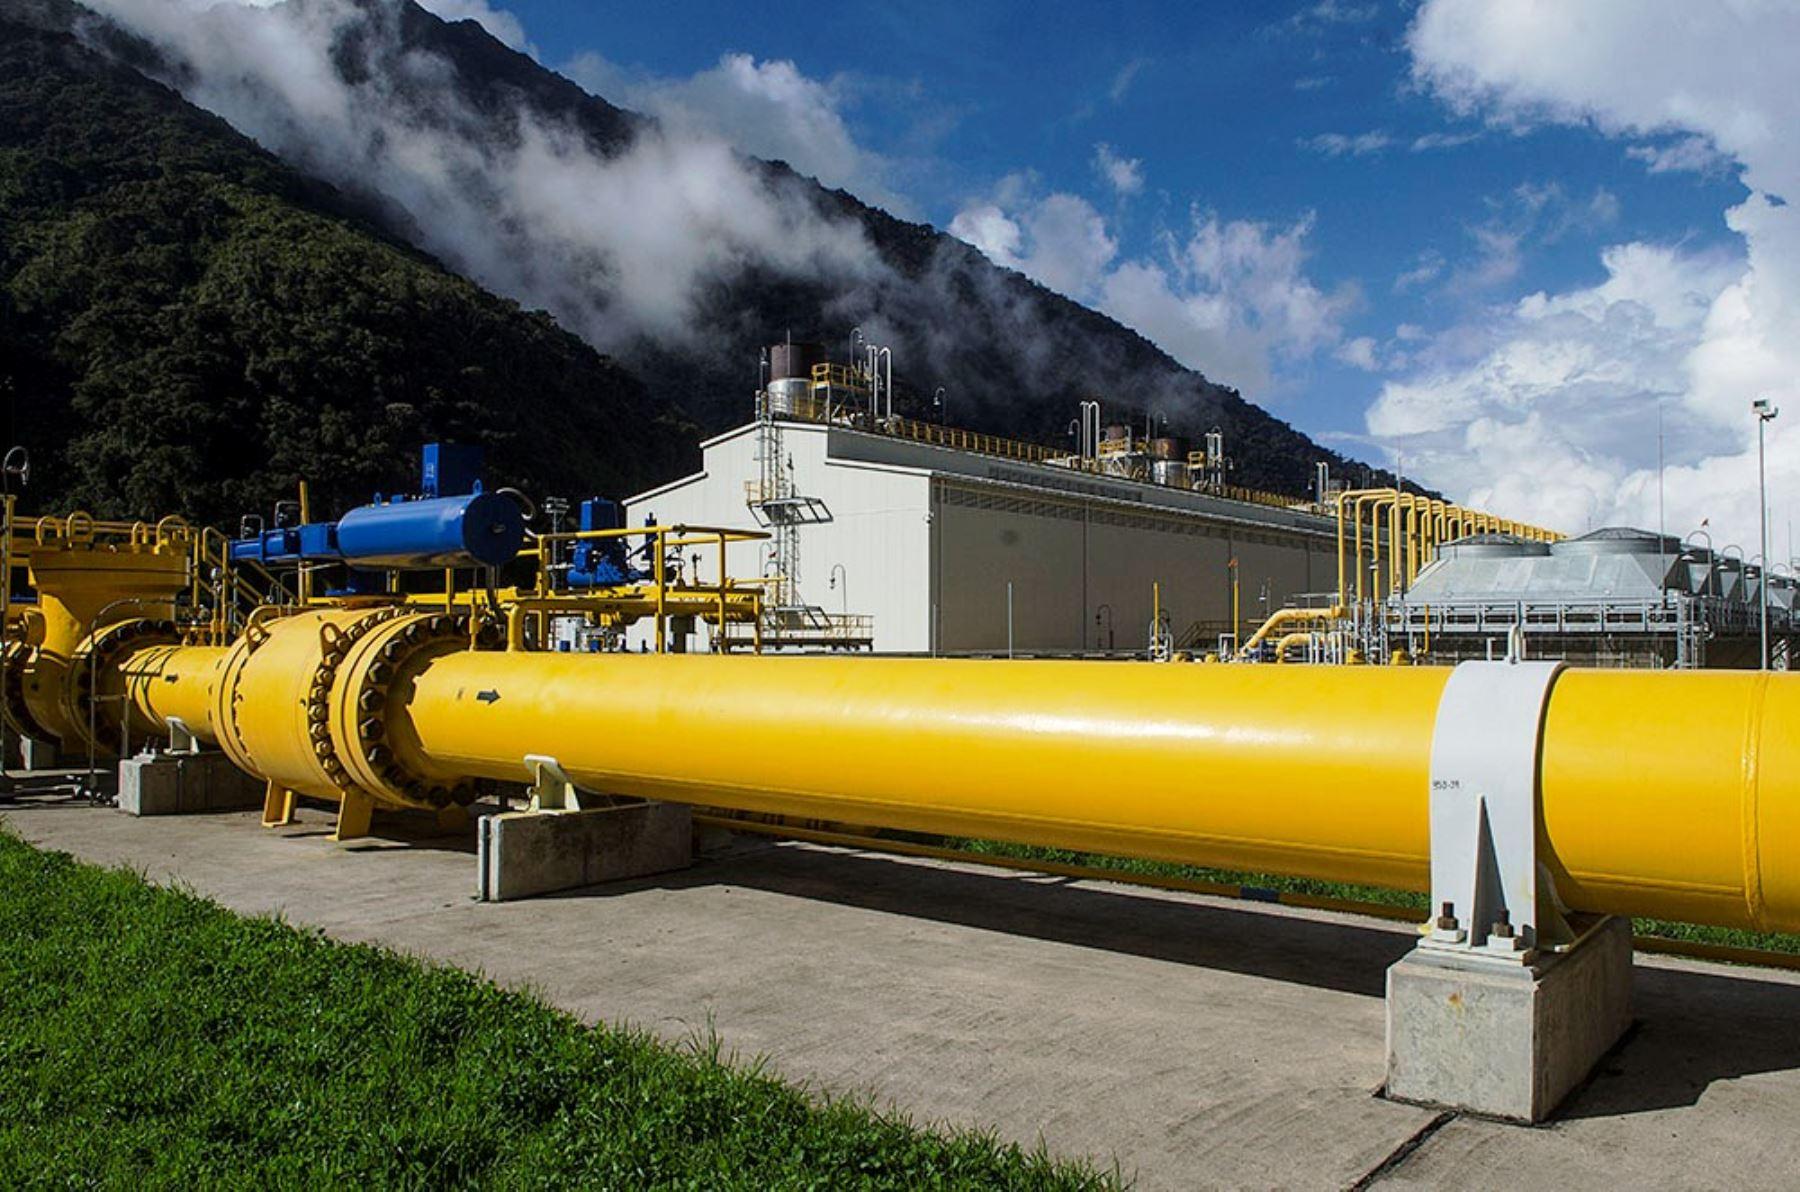 Osinergmin investiga el incendio en ducto de gas natural for Imagenes de gas natural